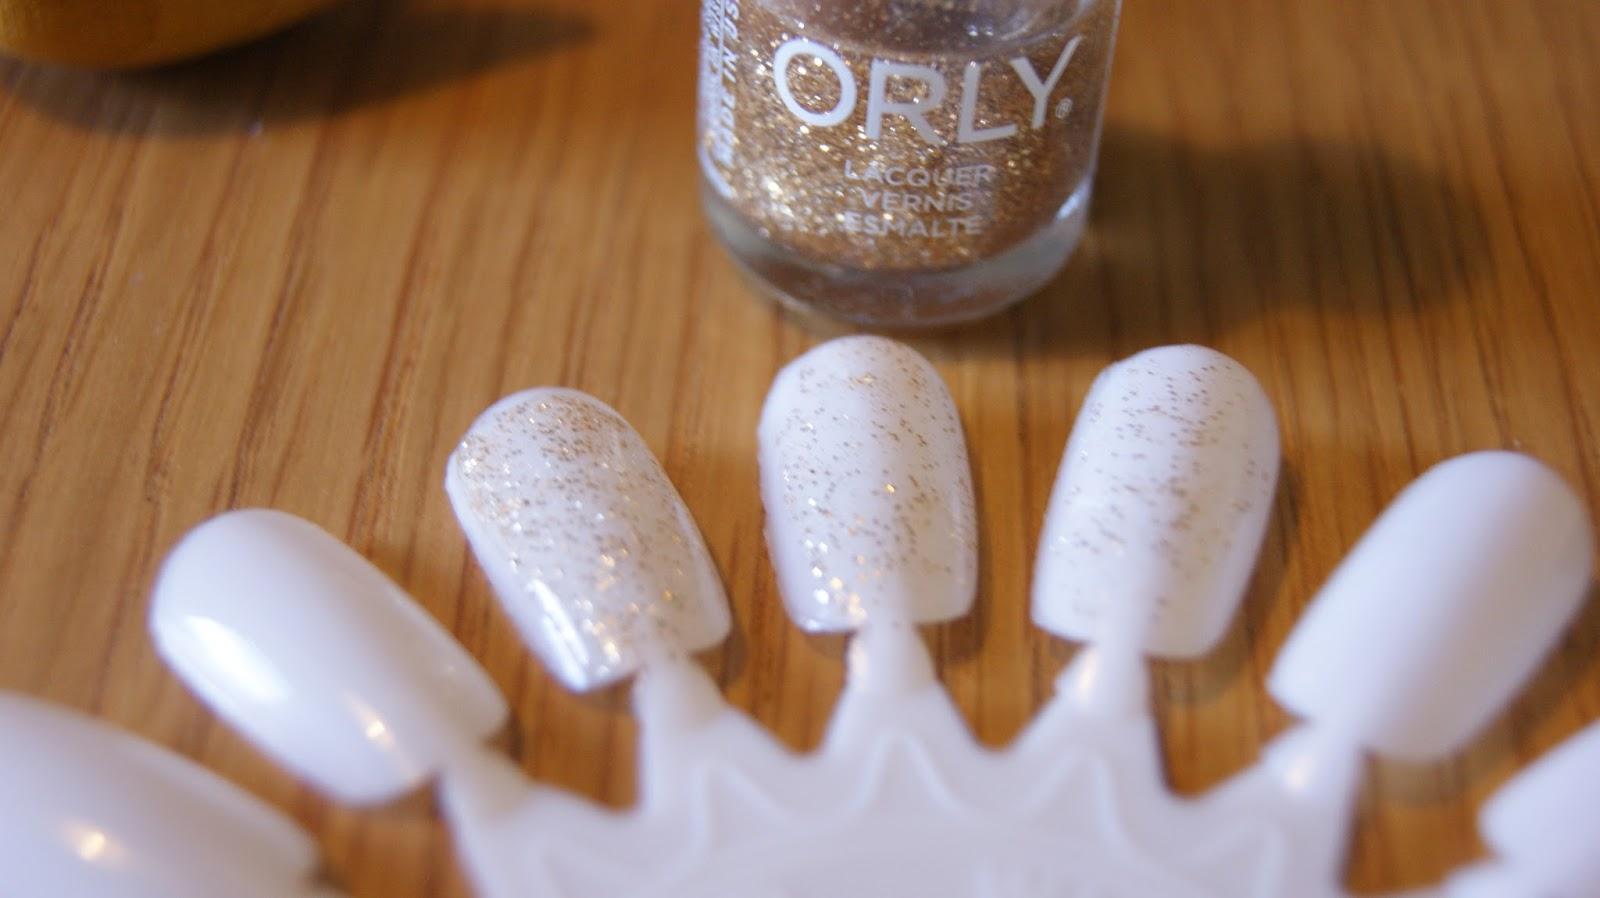 Orly hair band nail polish varnish swatch